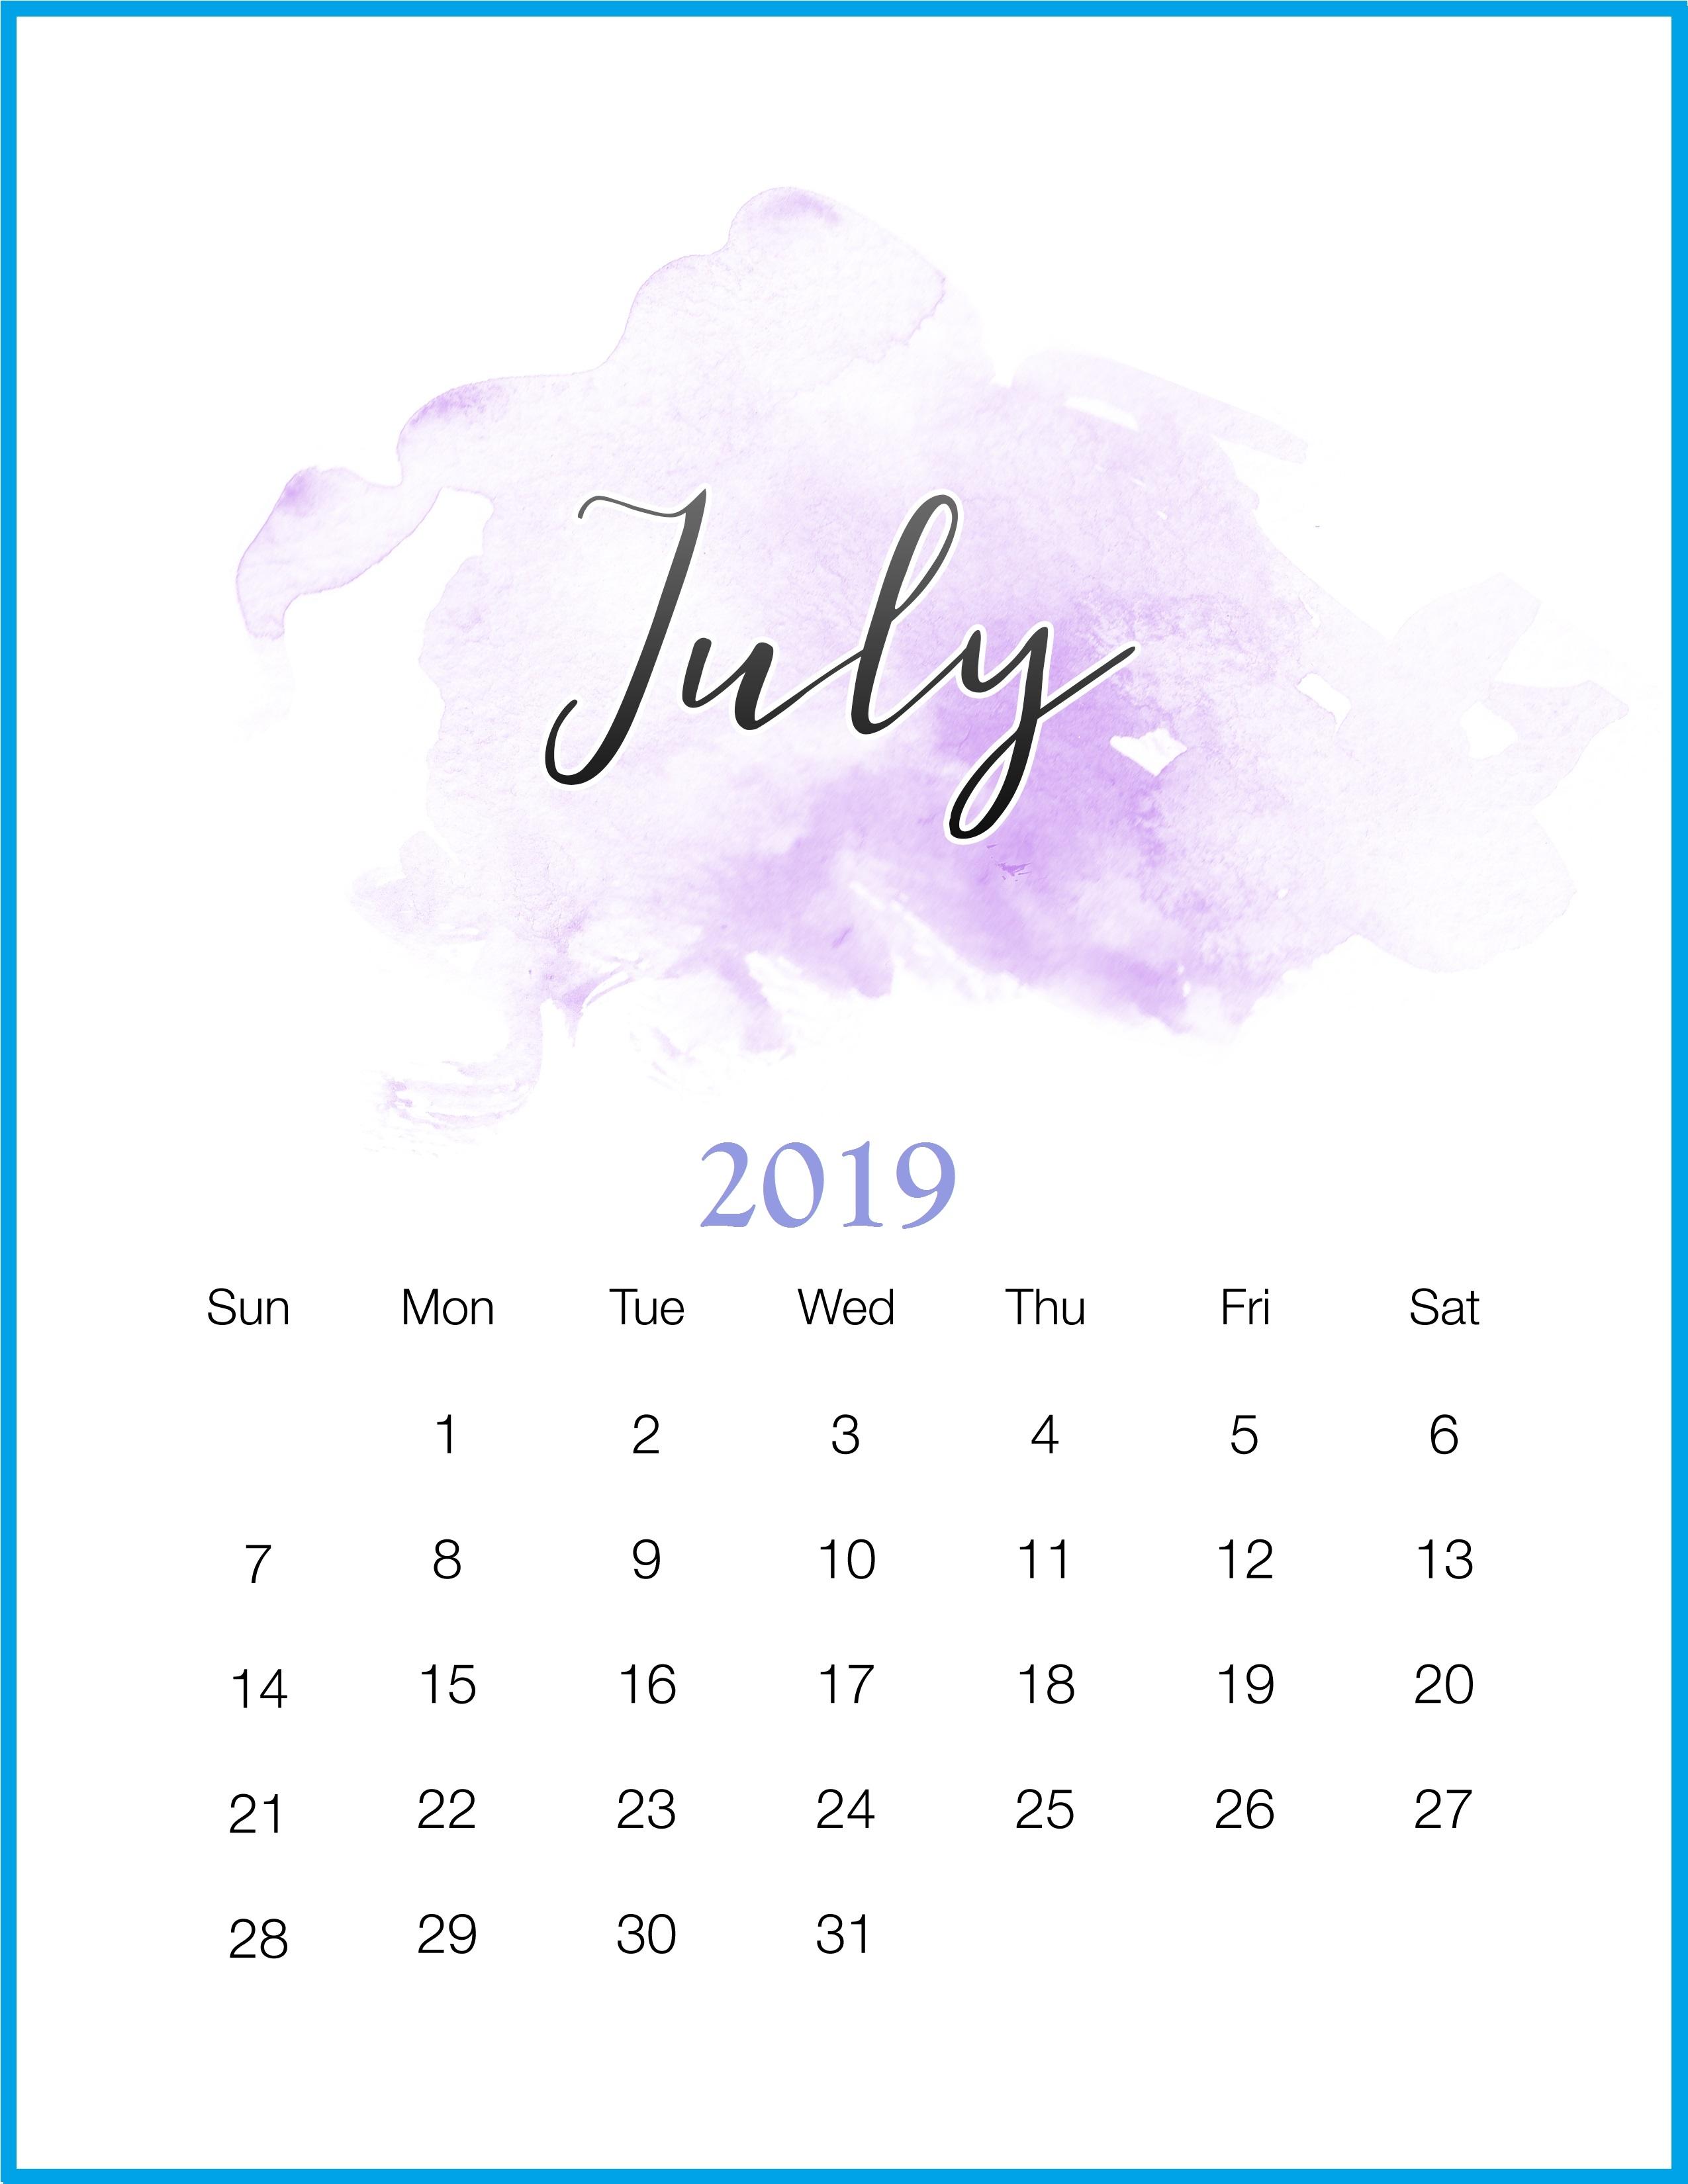 get free july 2019 calendar template december::July 2019 Calendar